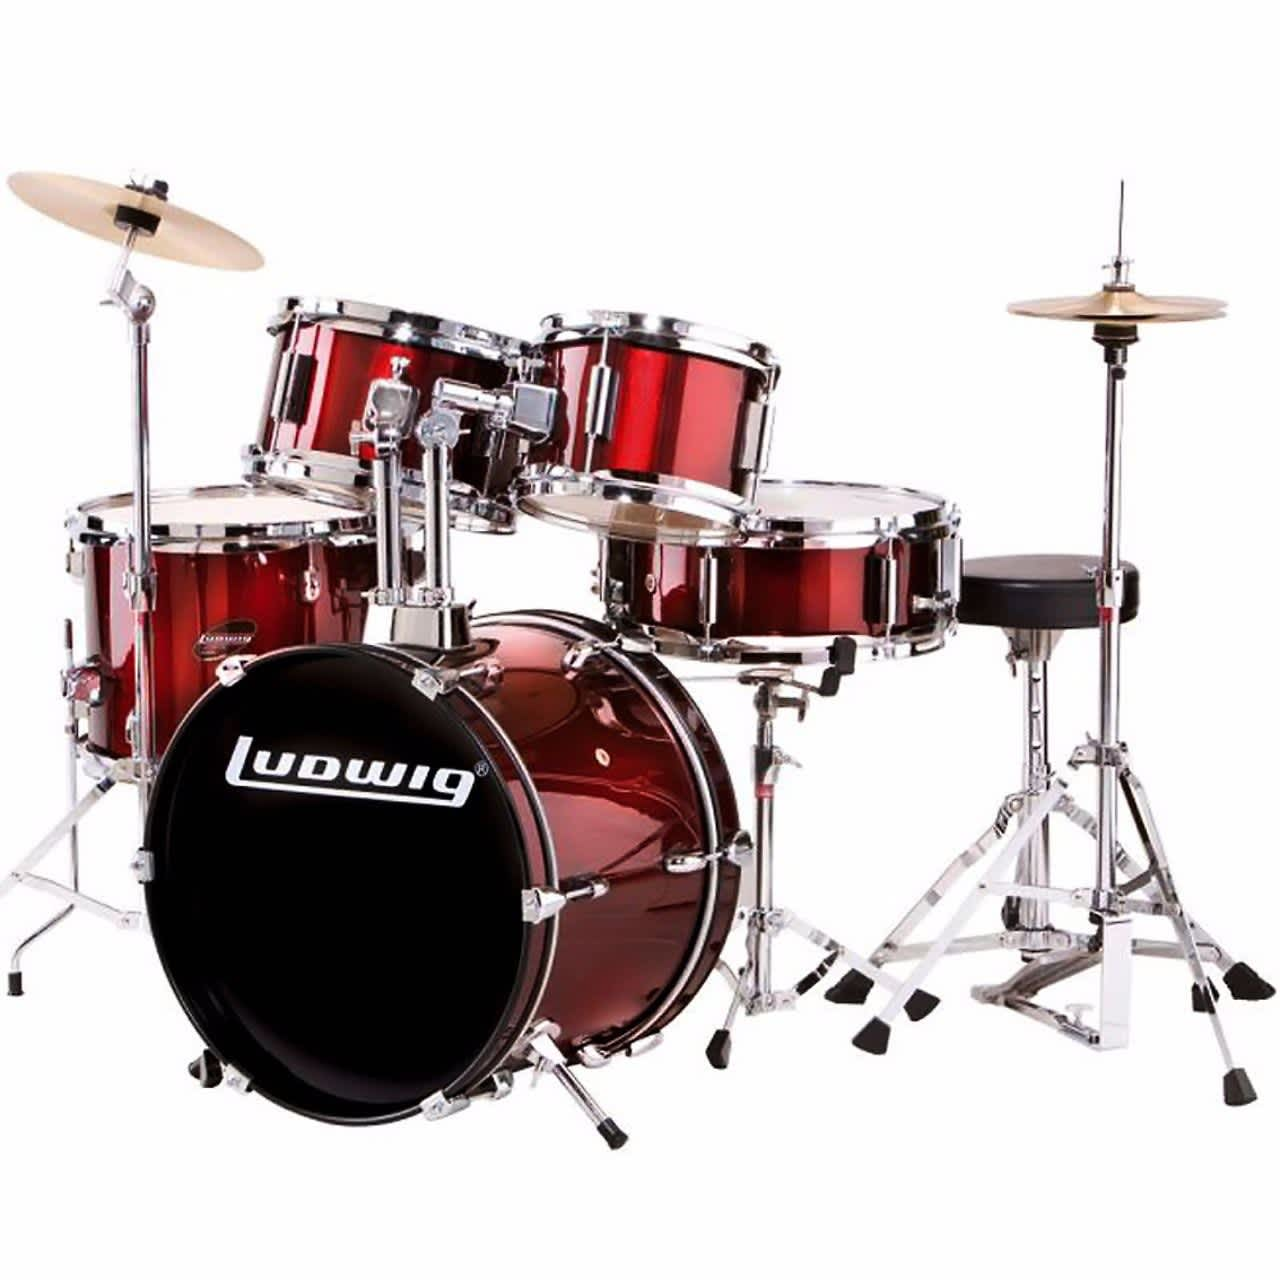 new ludwig ljr106 child size 5 piece complete junior drum set reverb. Black Bedroom Furniture Sets. Home Design Ideas